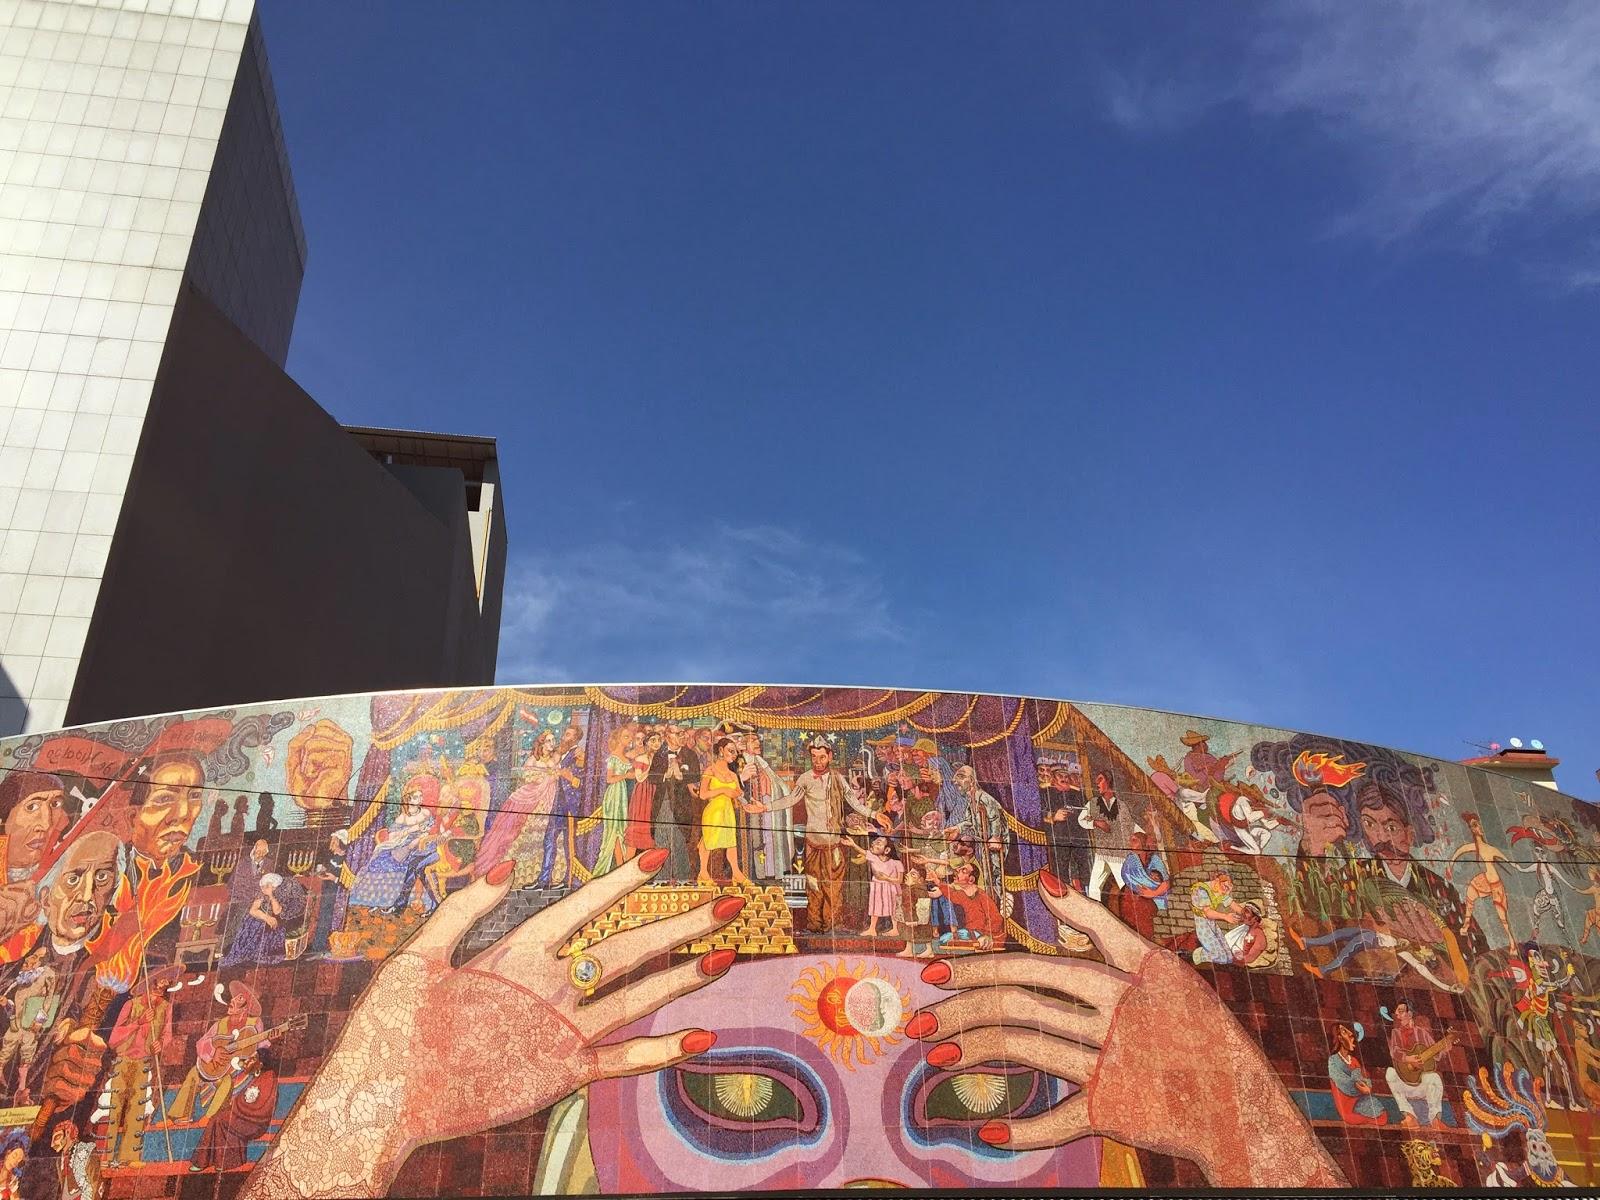 Diego Rivera Theatre Mural